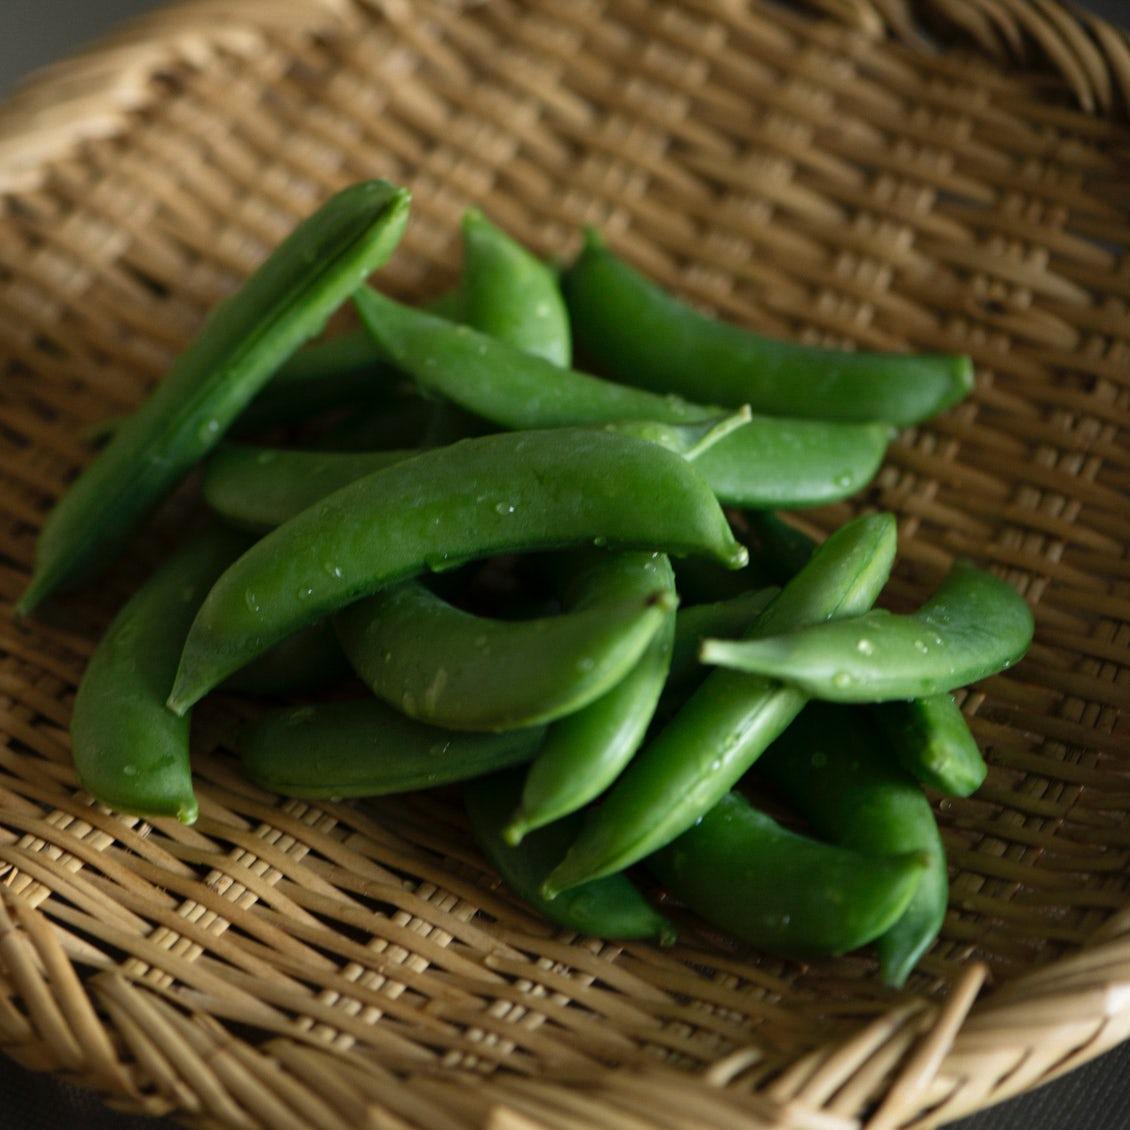 【春野菜をなんどでも】第2話:豆の甘さと栄養をぎゅっ。「スナップえんどう」のピラフと食べるスープ